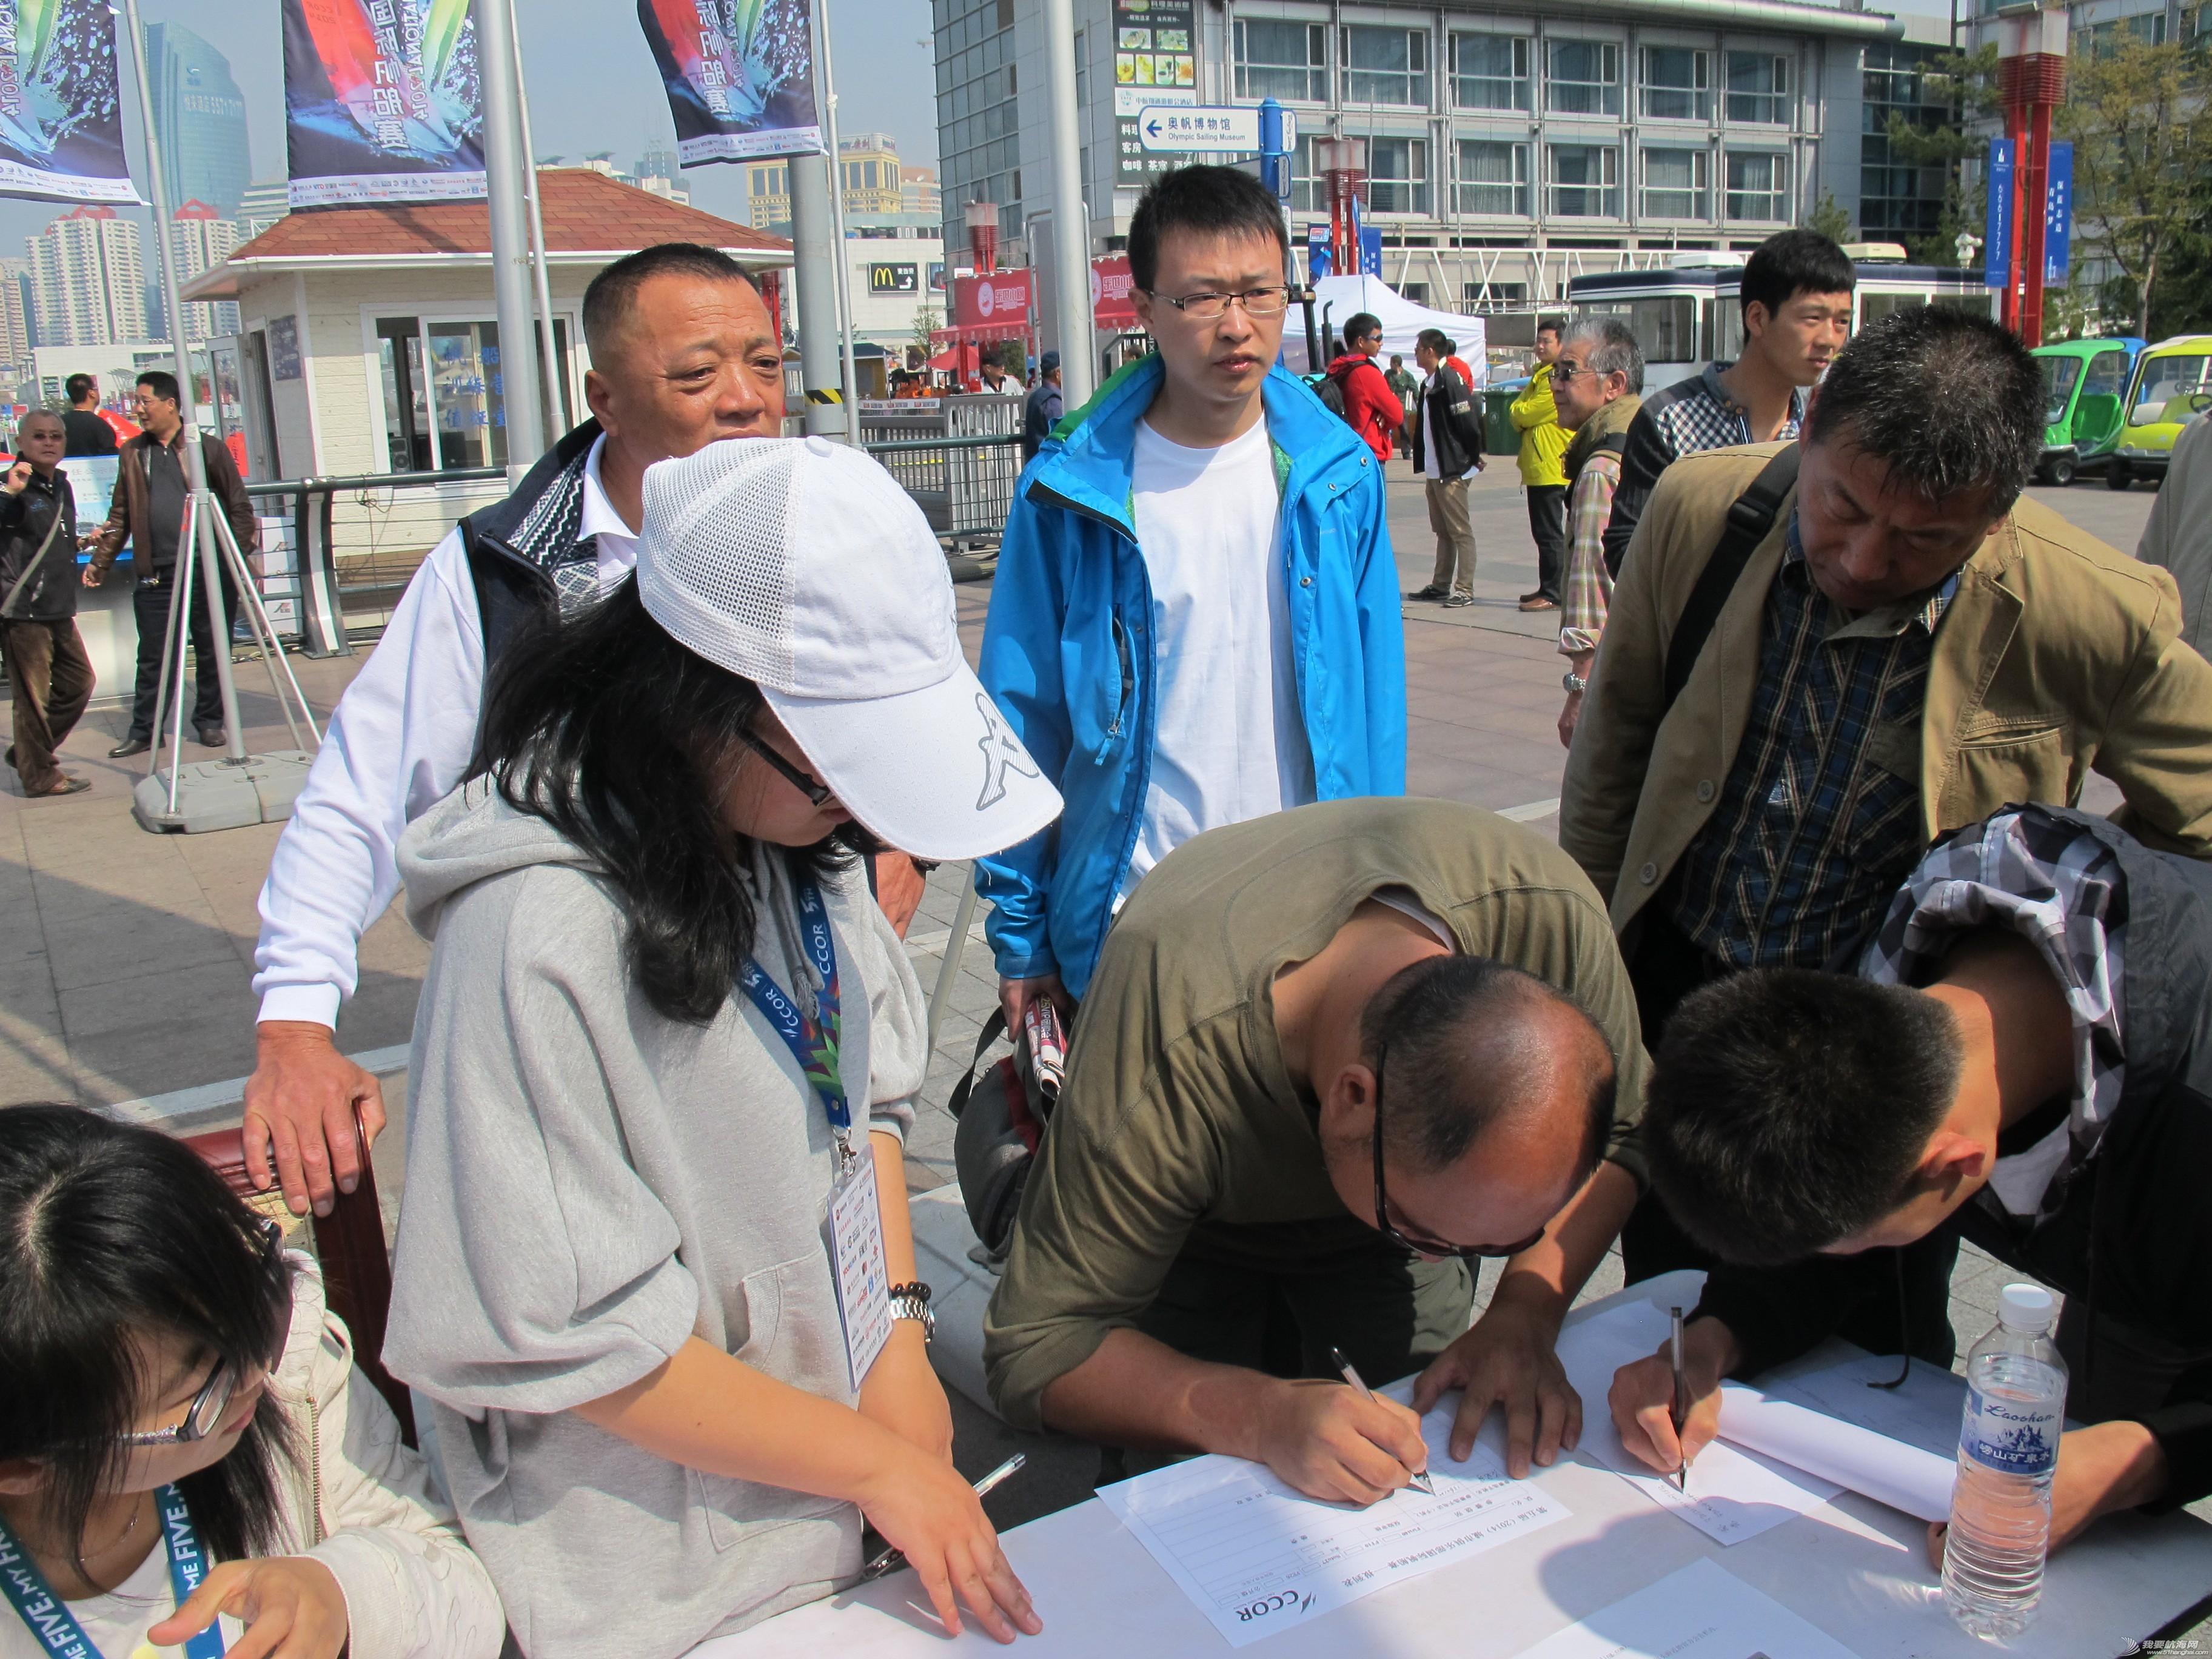 青岛,帆船 我要航海网帆船队—第五届青岛城市杯帆船赛 IMG_6254.JPG